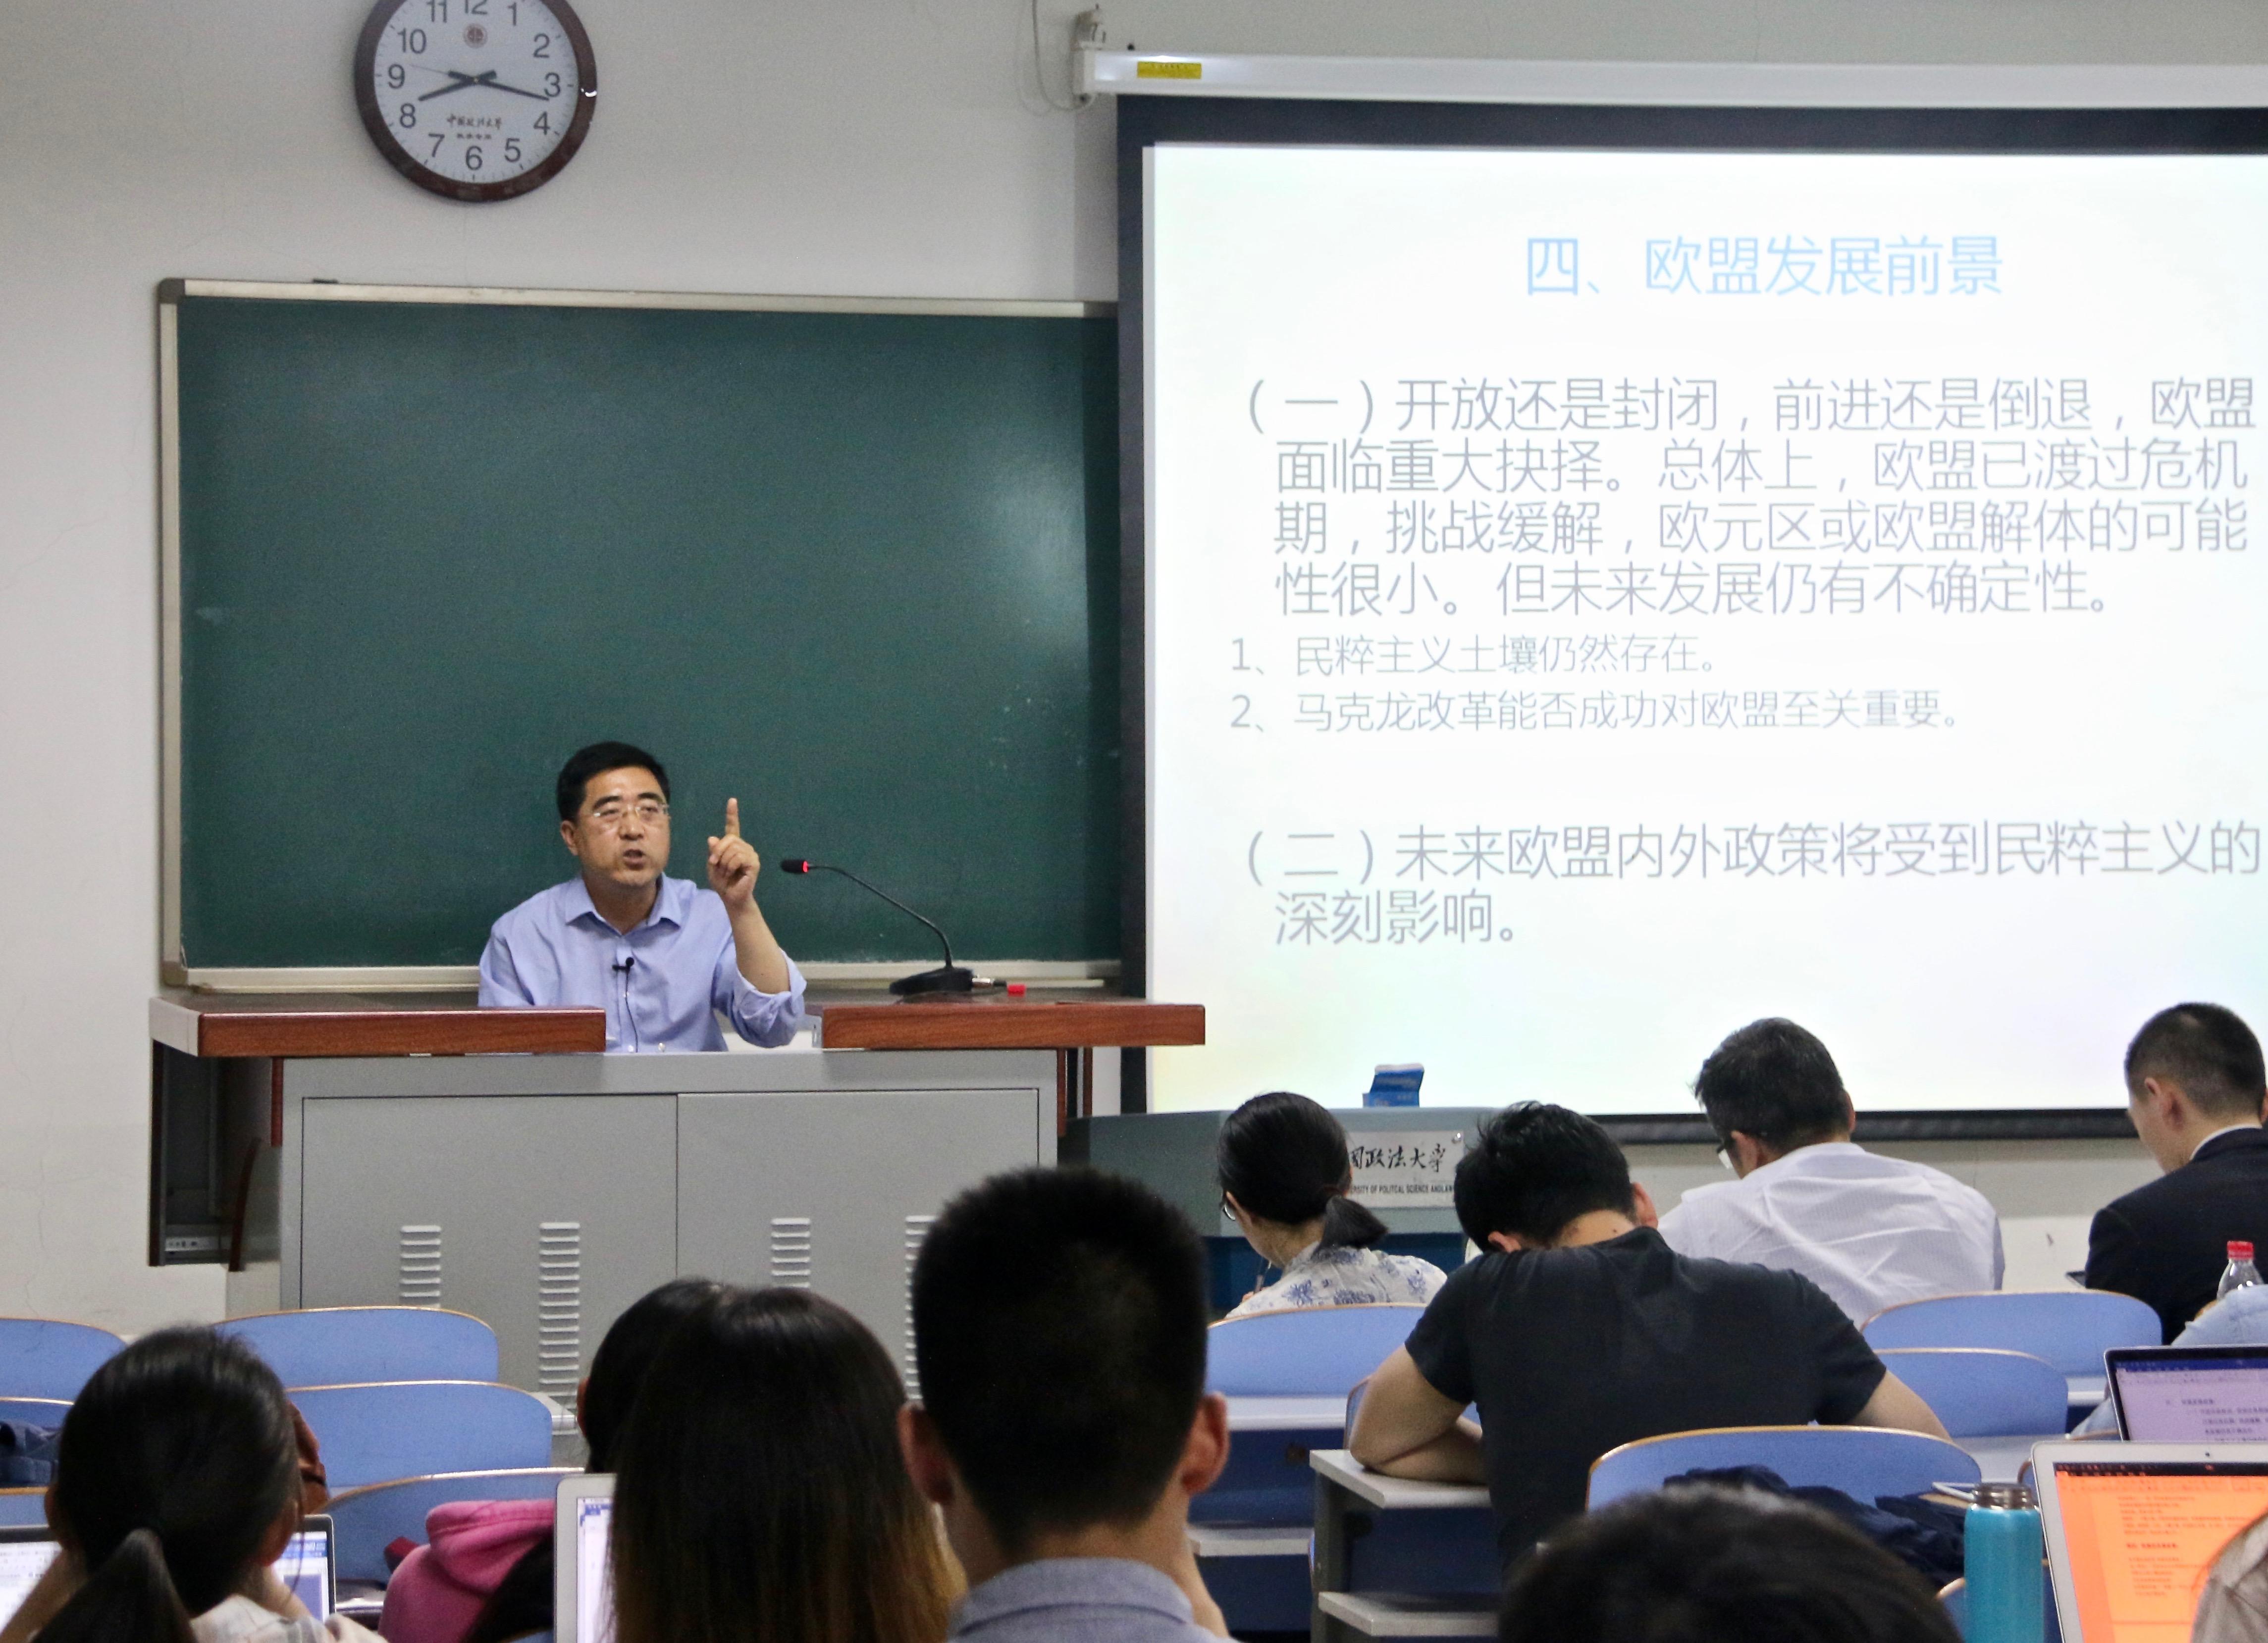 中国现代国际关系研究院副院长冯仲平研究员做客我校名家论坛,畅谈